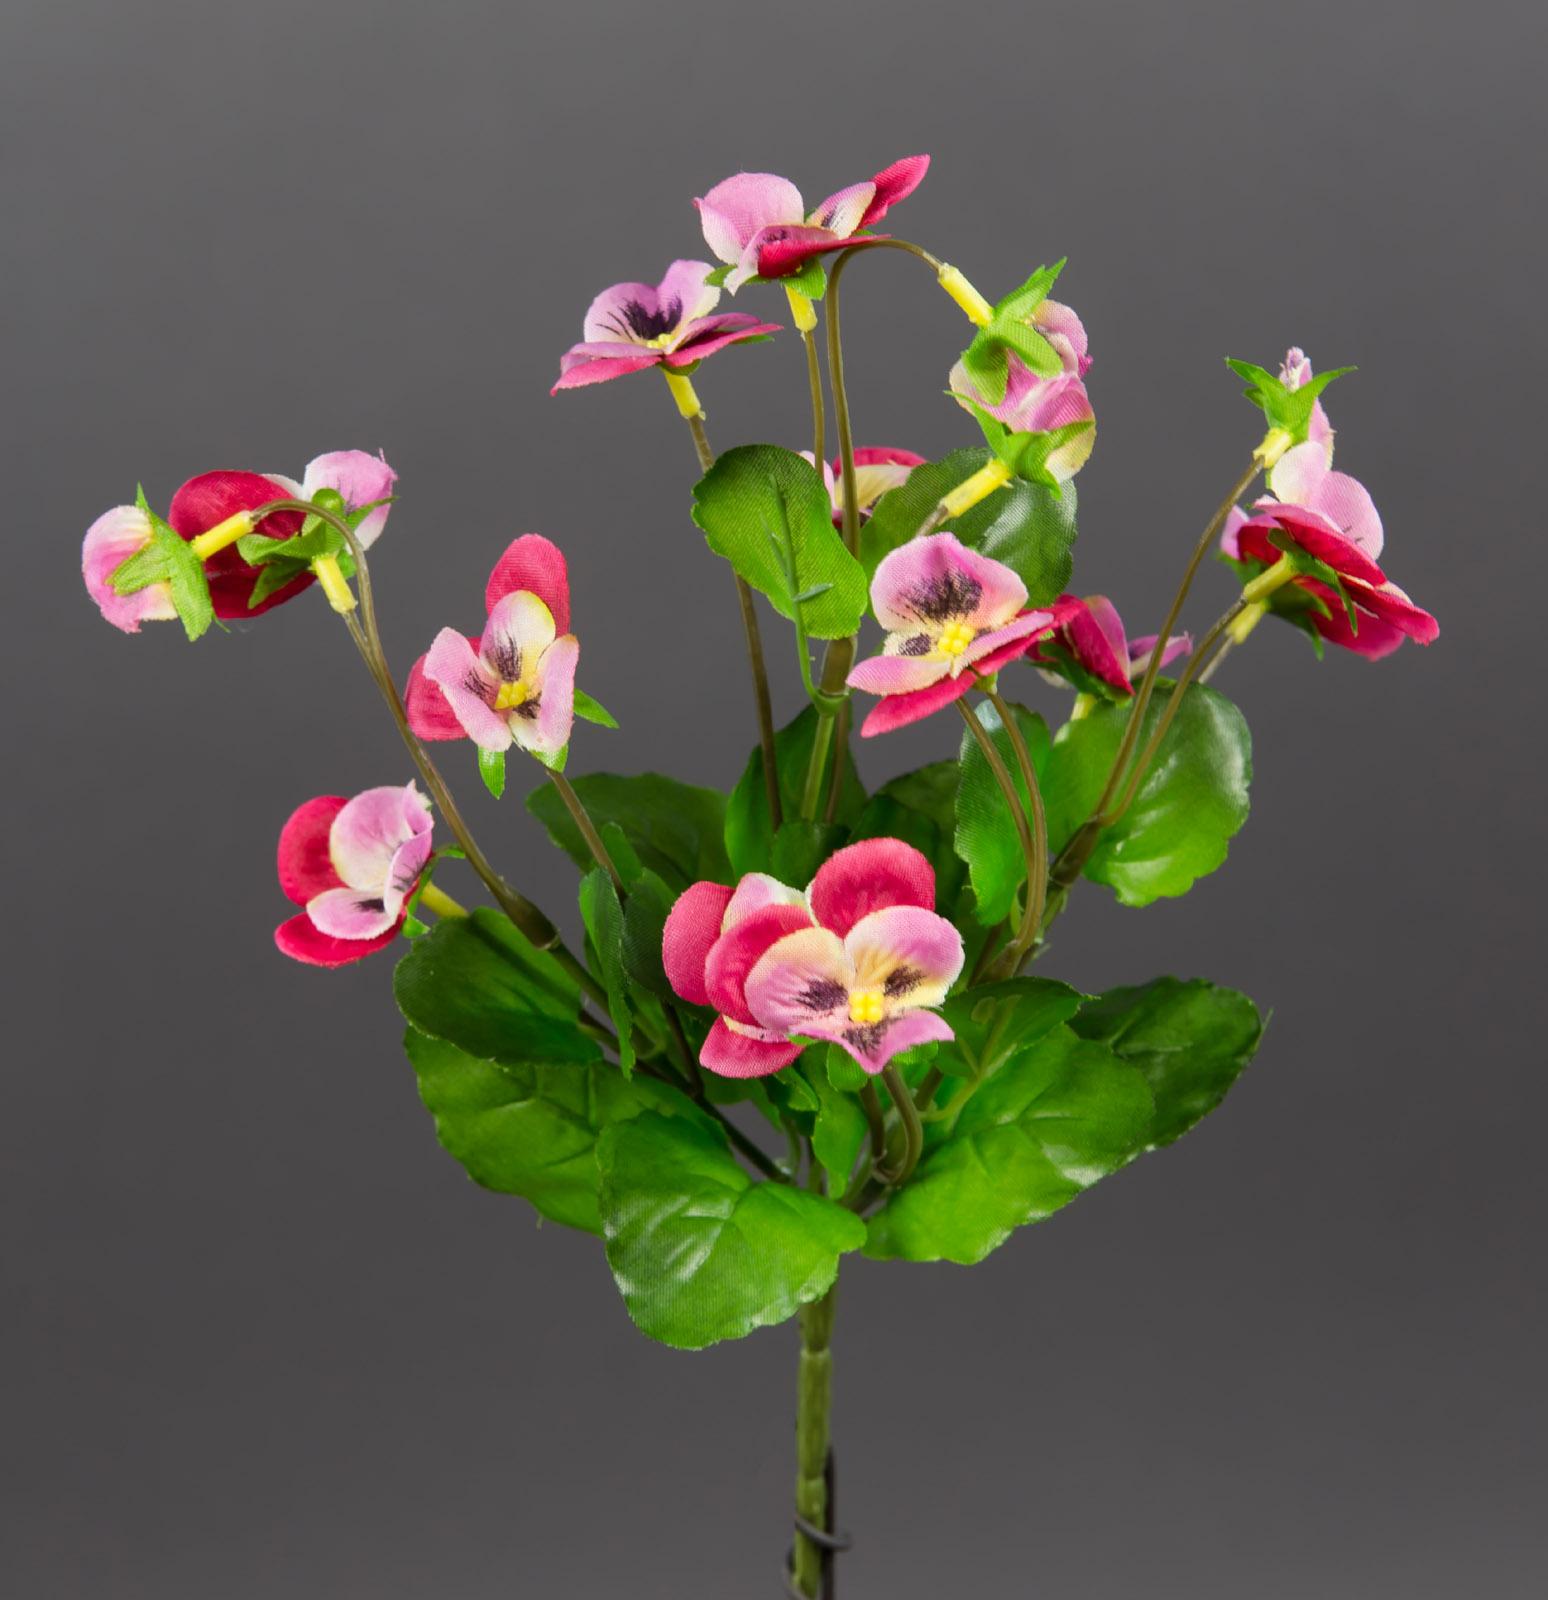 hornveilchen 22cm rosa pink fi k nstliche pflanzen stiefm tterchen kunstblumen ebay. Black Bedroom Furniture Sets. Home Design Ideas